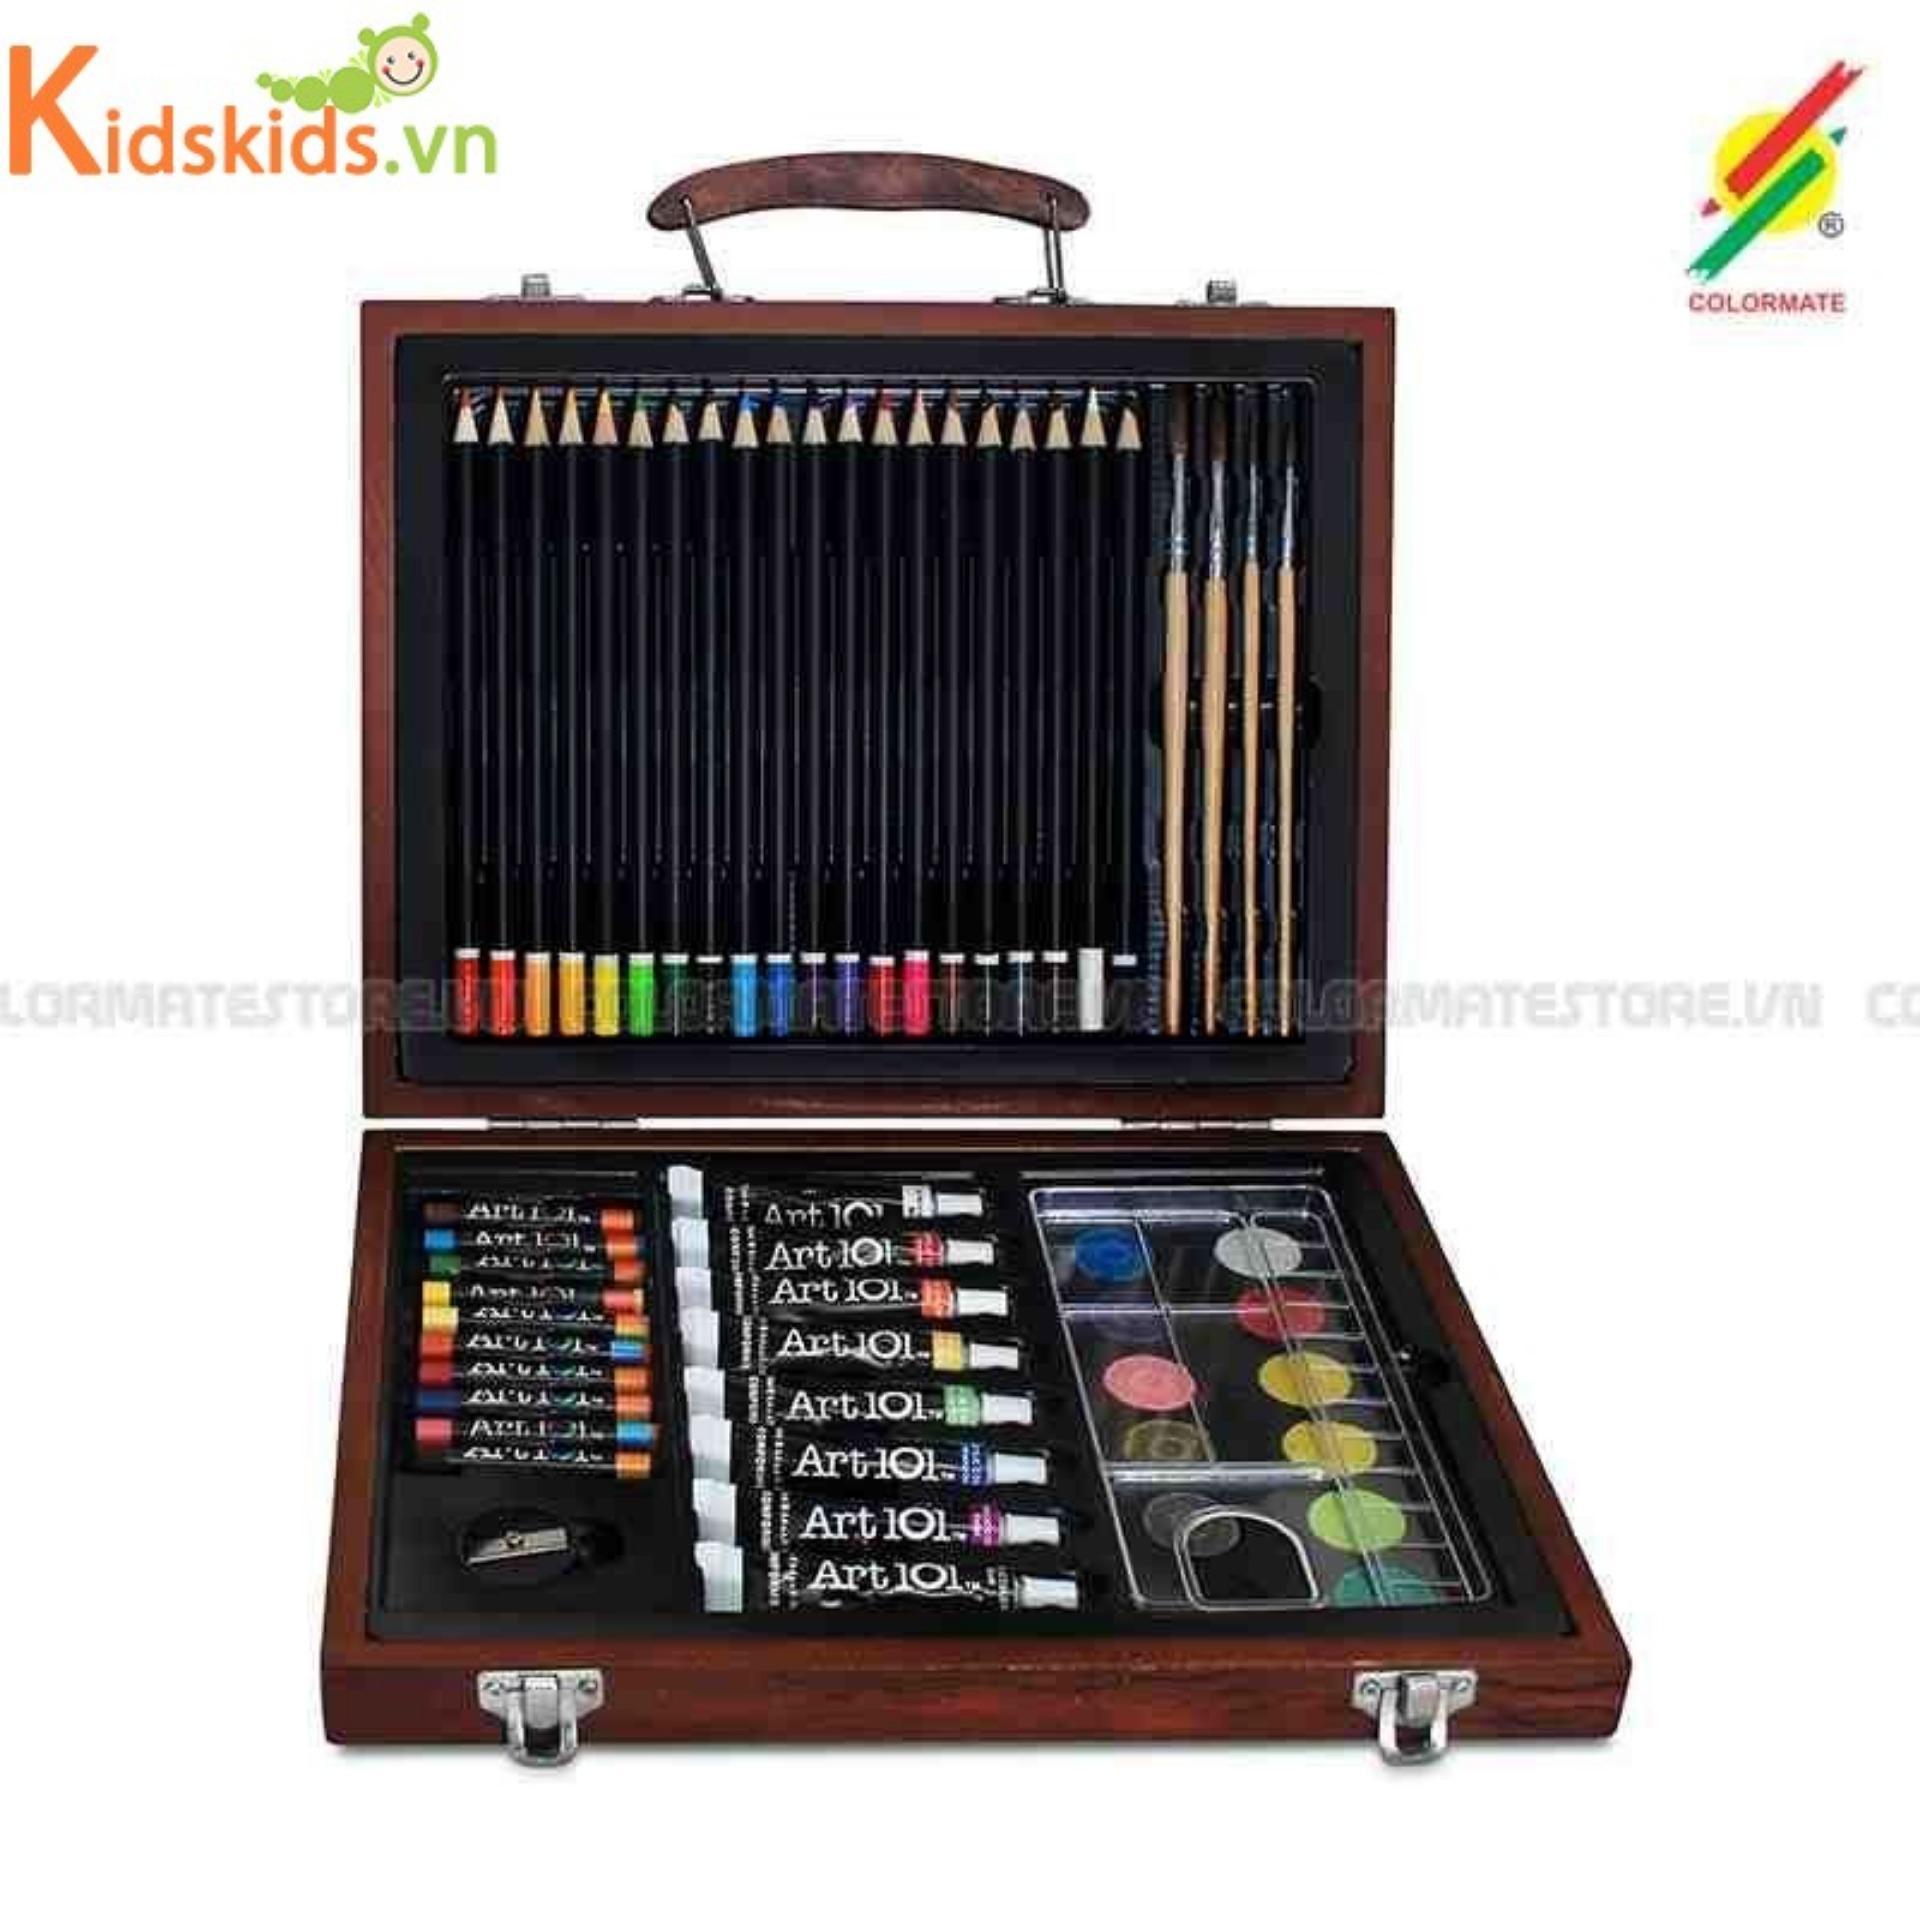 Bút Màu Hộp Gỗ M 58 Colormate Đang Có Ưu Đãi